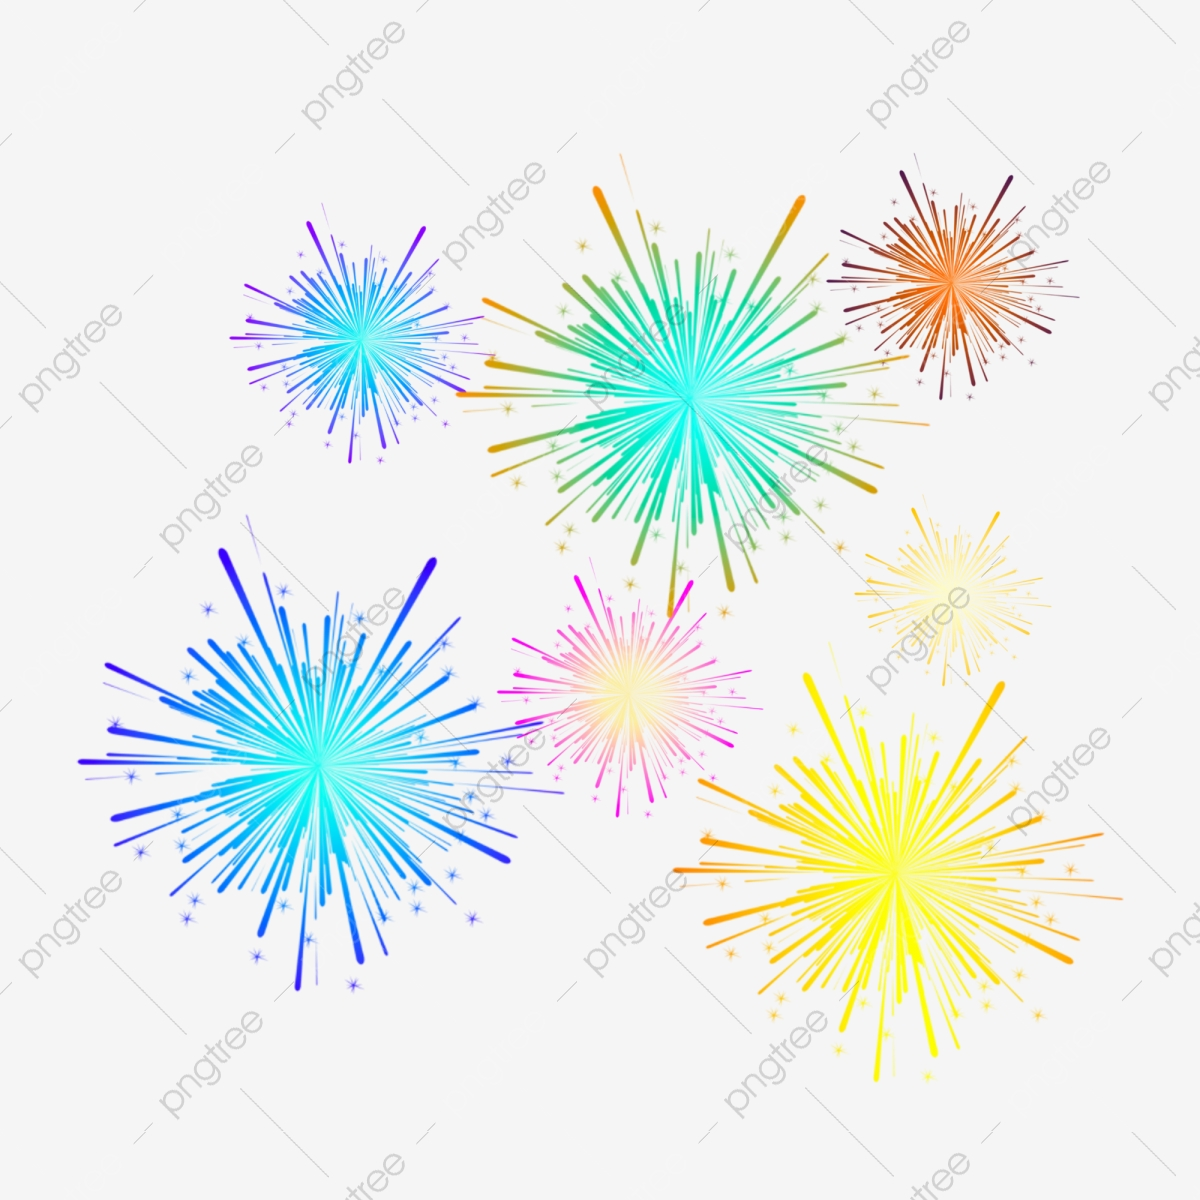 احتفالي الألعاب النارية اللون تصميم التدرج عنصر زخرفي مبتهج ألعاب نارية اللون Png وملف Psd للتحميل مجانا